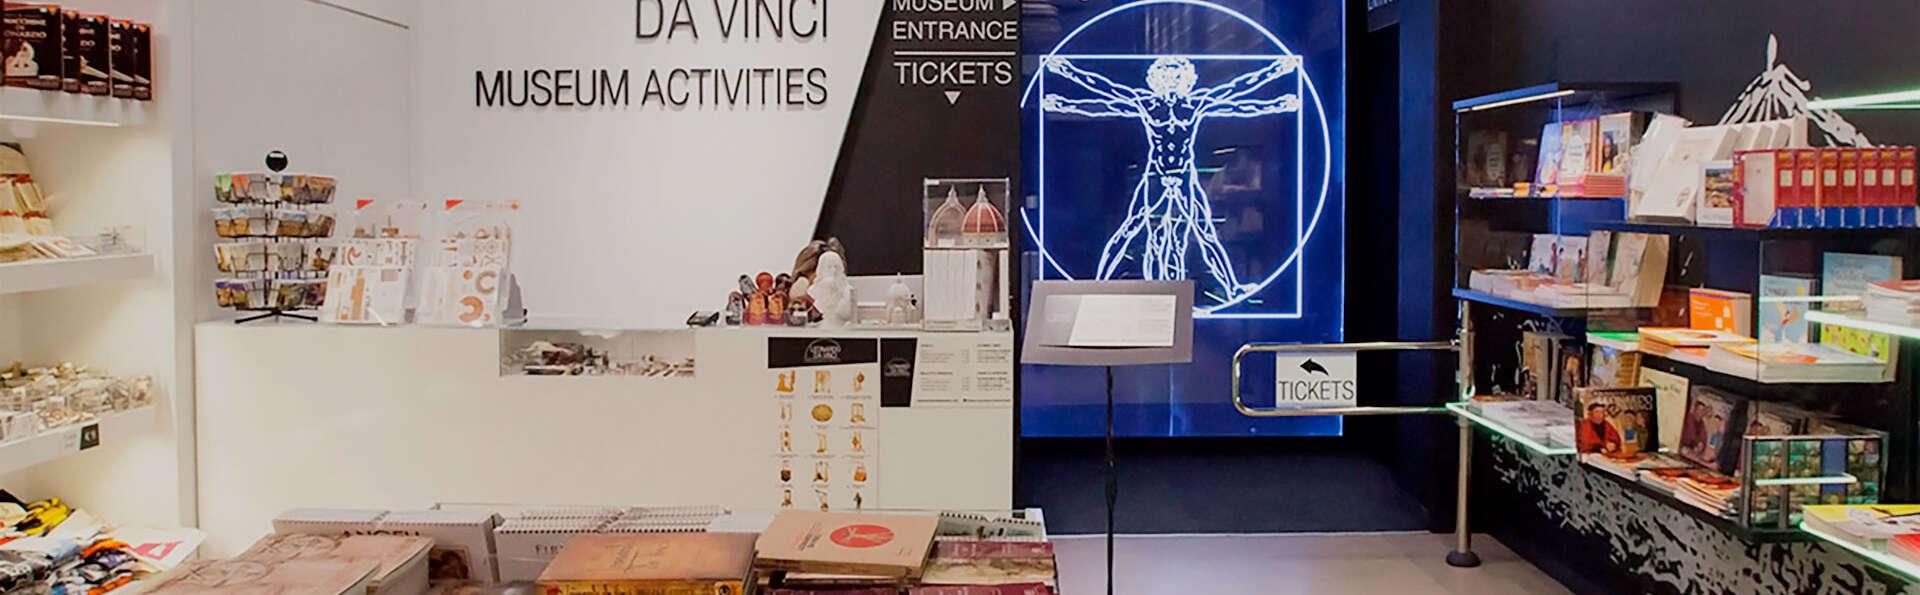 Séjour aux portes de Venise avec une visite au musée Leonardo da Vinci